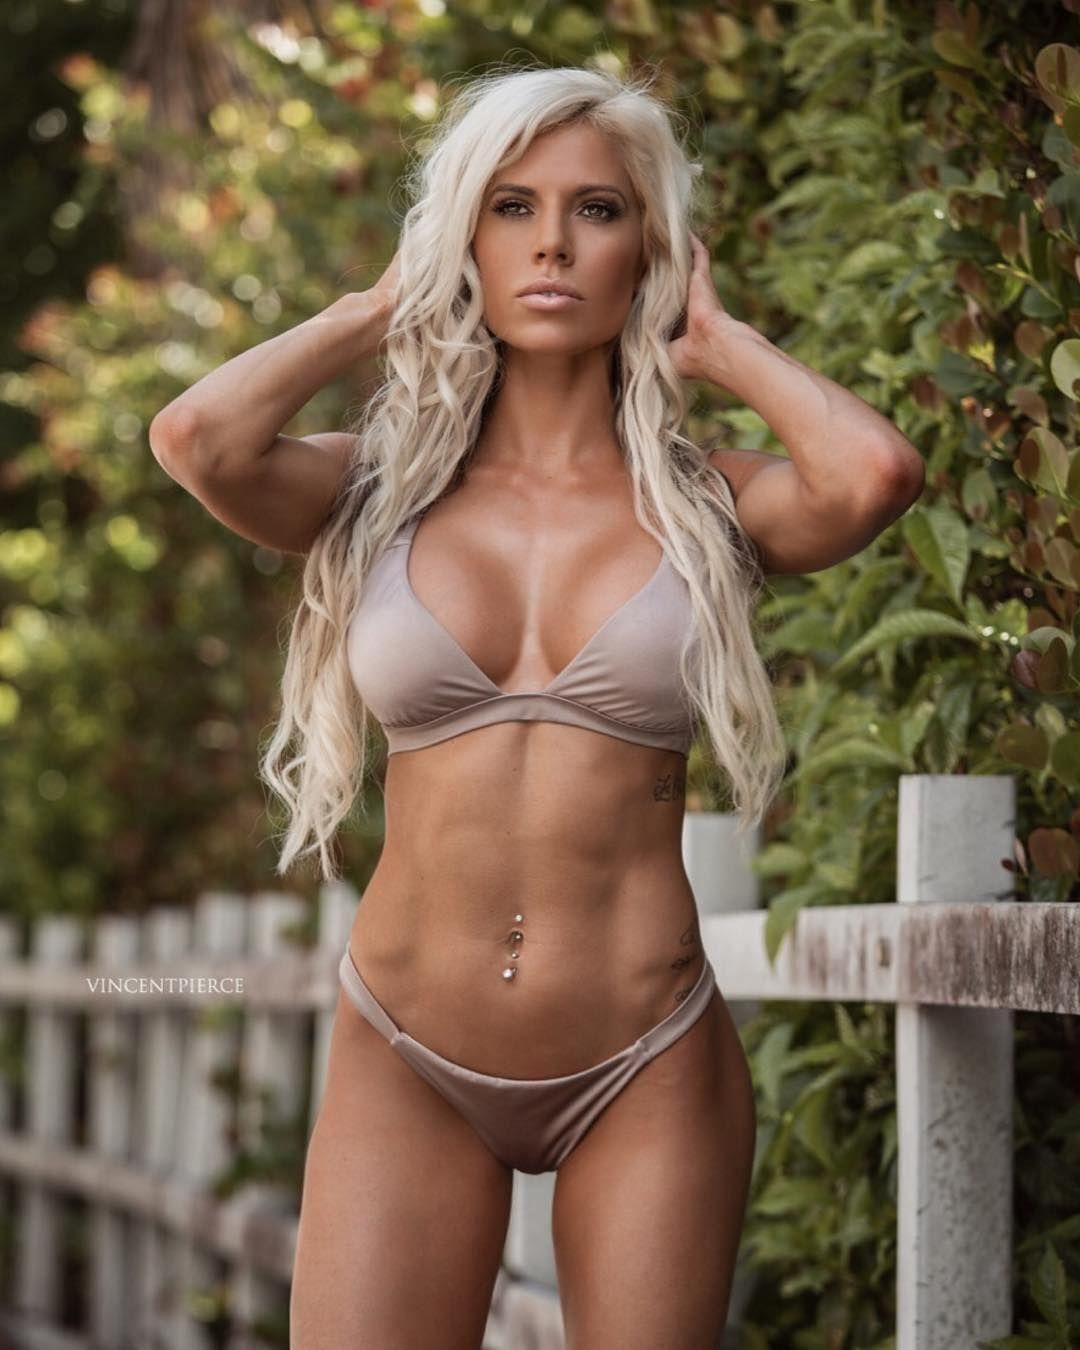 Bikini blonde fitness model, gif troie sexi porno